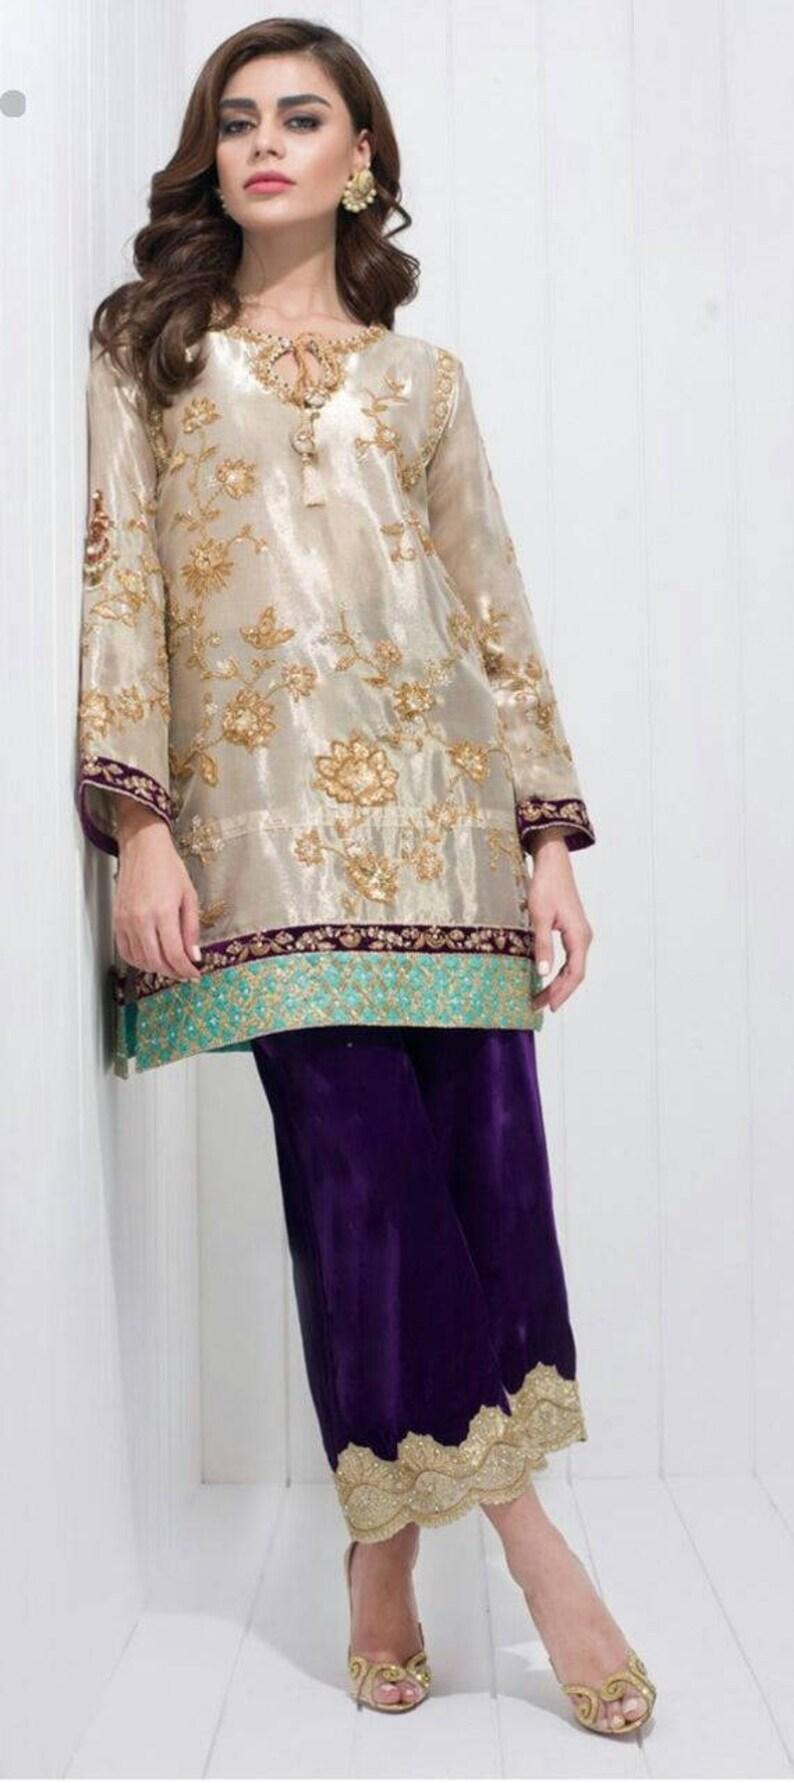 d83805f52c Sana Maskatiya inspired Pakistani wedding dress formal | Etsy